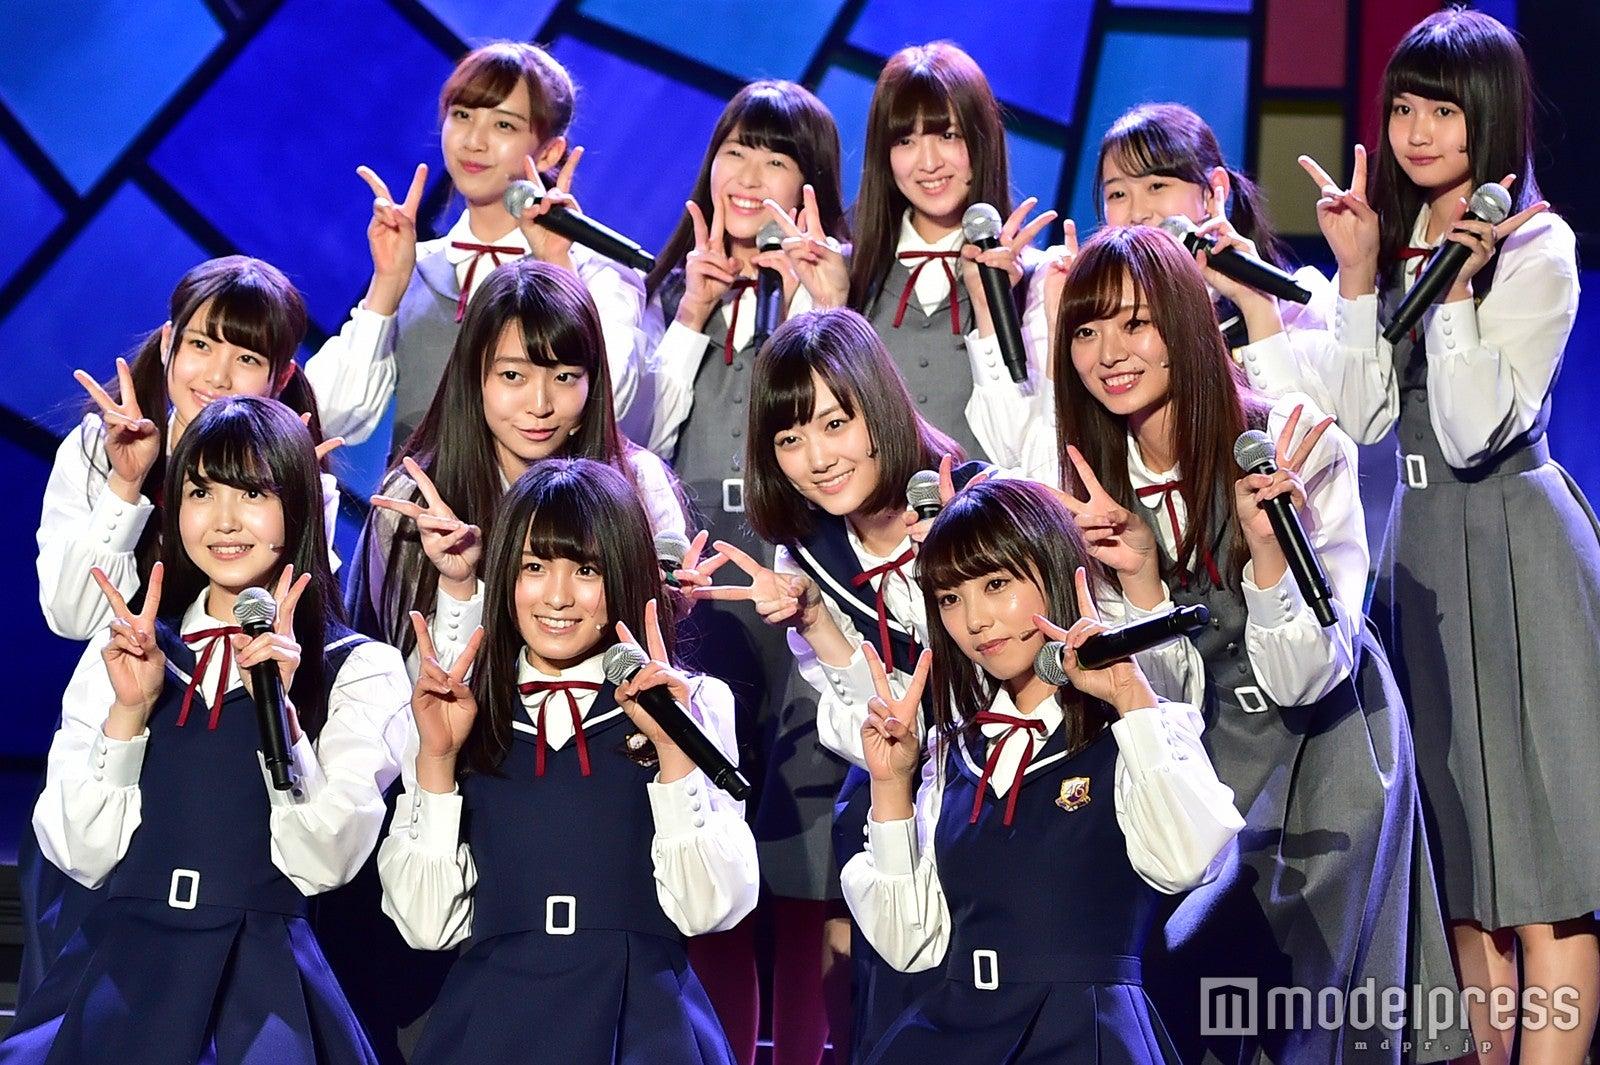 可愛い子ばかりで選べない…乃木坂46新メンバー12人が初公演「3人のプリンシパル」詳細・会見全文・ゲネプロの模様・初日に選ばれた3人